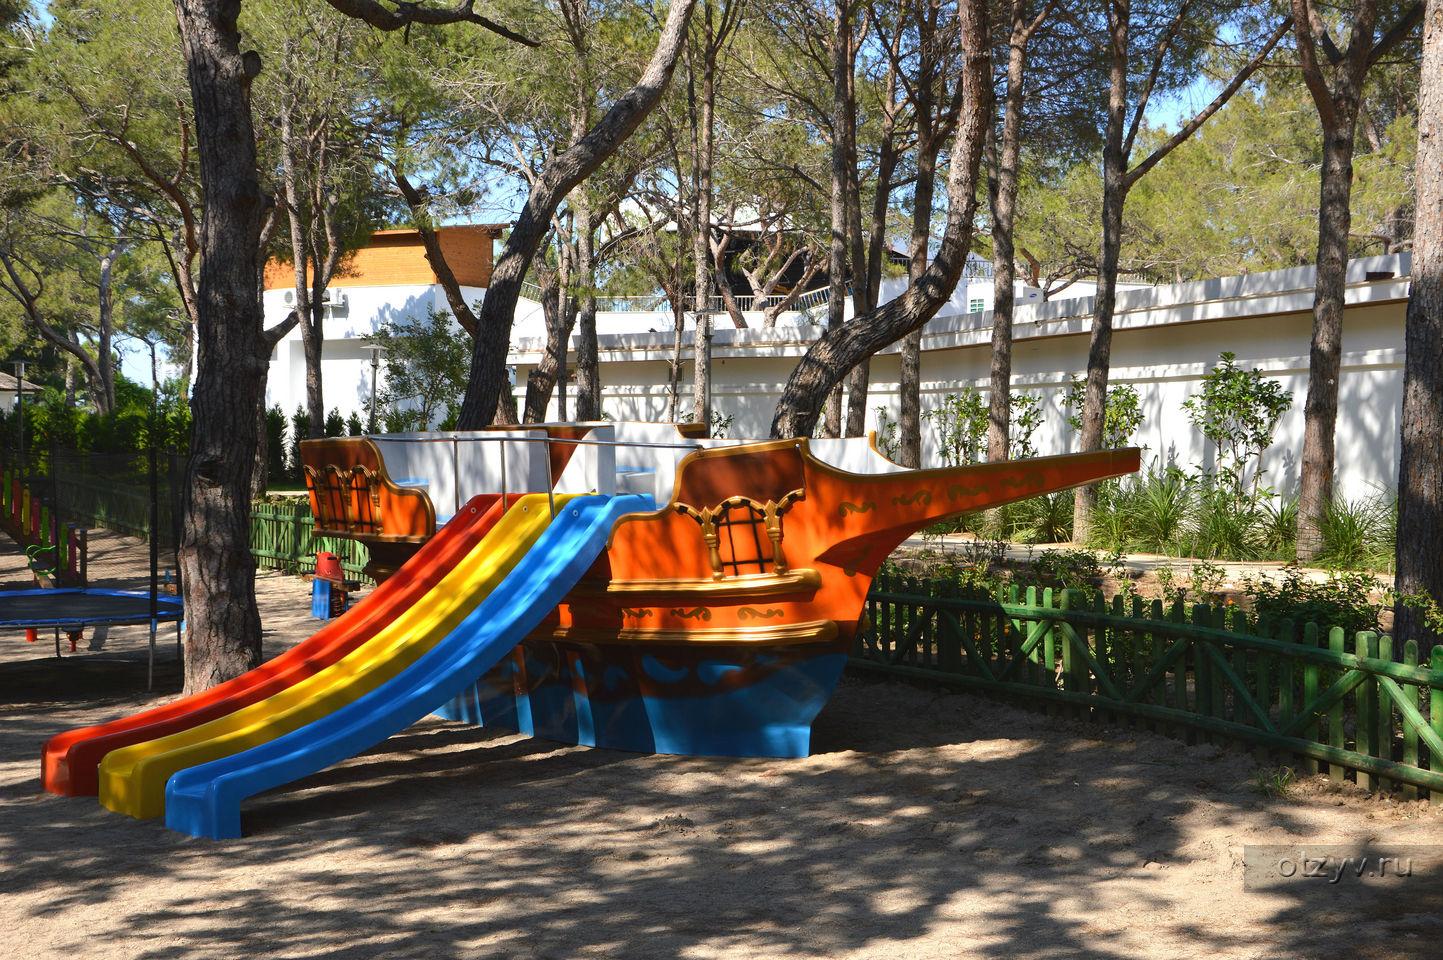 Открытый бассейн крытый бассейн детский бассейн бассейн с морской водой бассейн с подогревом плавательный бассейн.